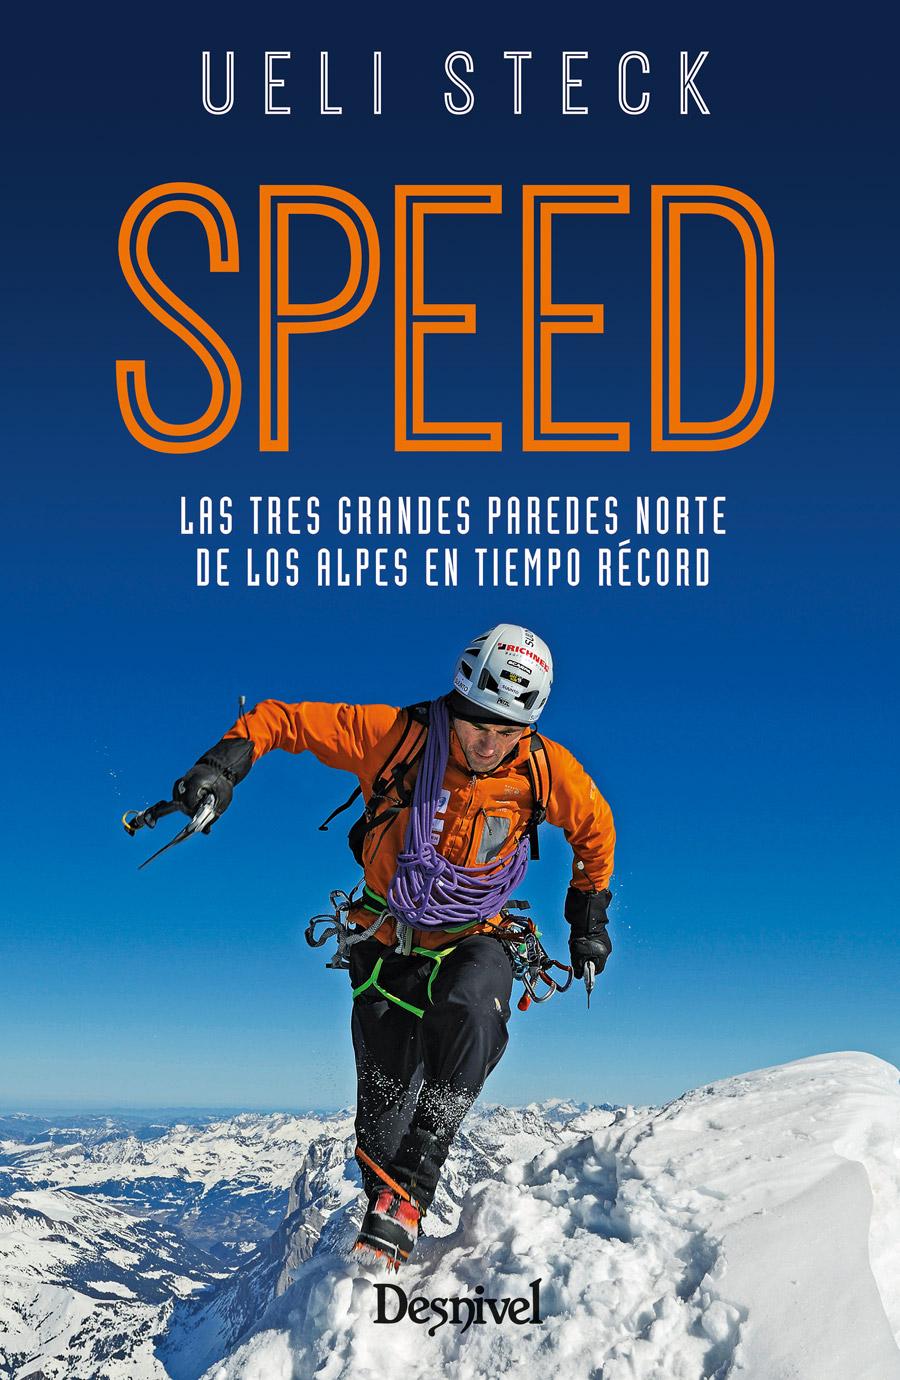 """Portada del libro """"Speed. Las tres grandes paredes norte de los Alpes en tiempo récord"""" por Ueli Steck"""